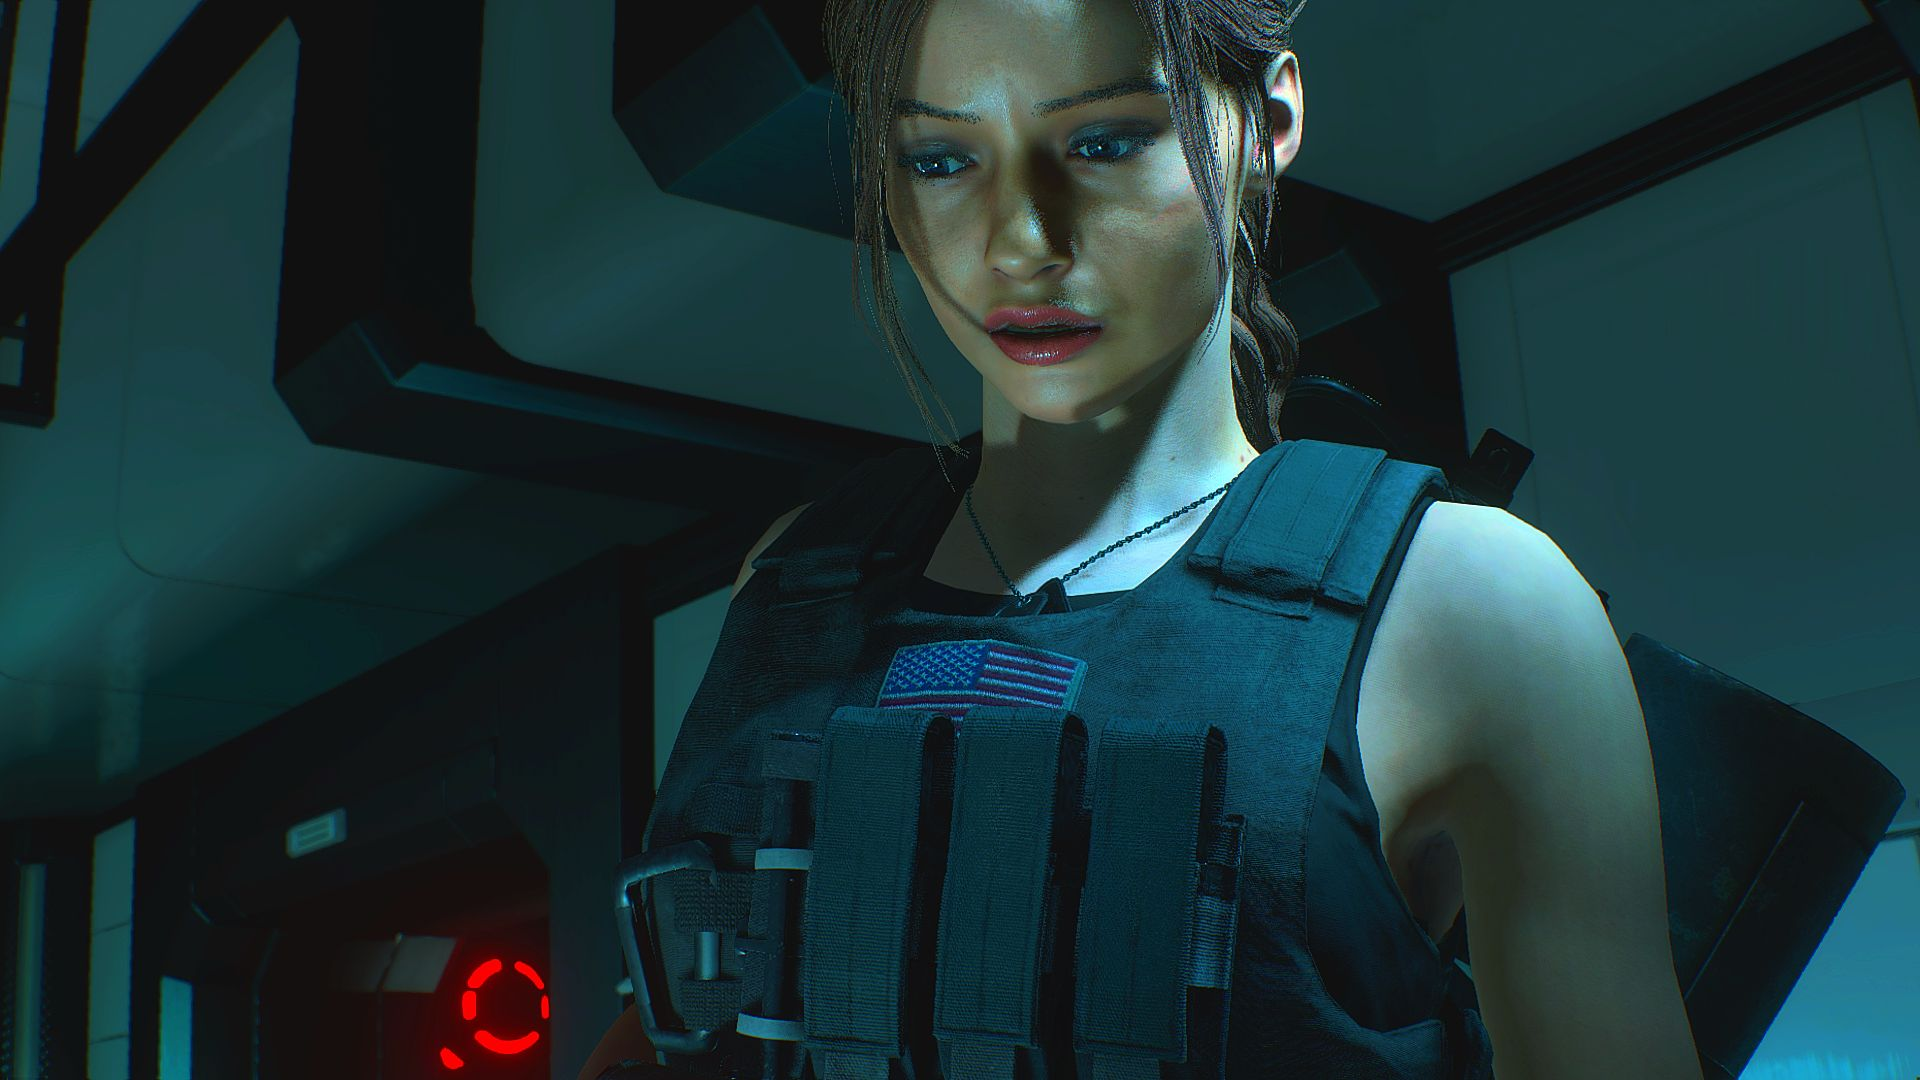 000217.Jpg - Resident Evil 2